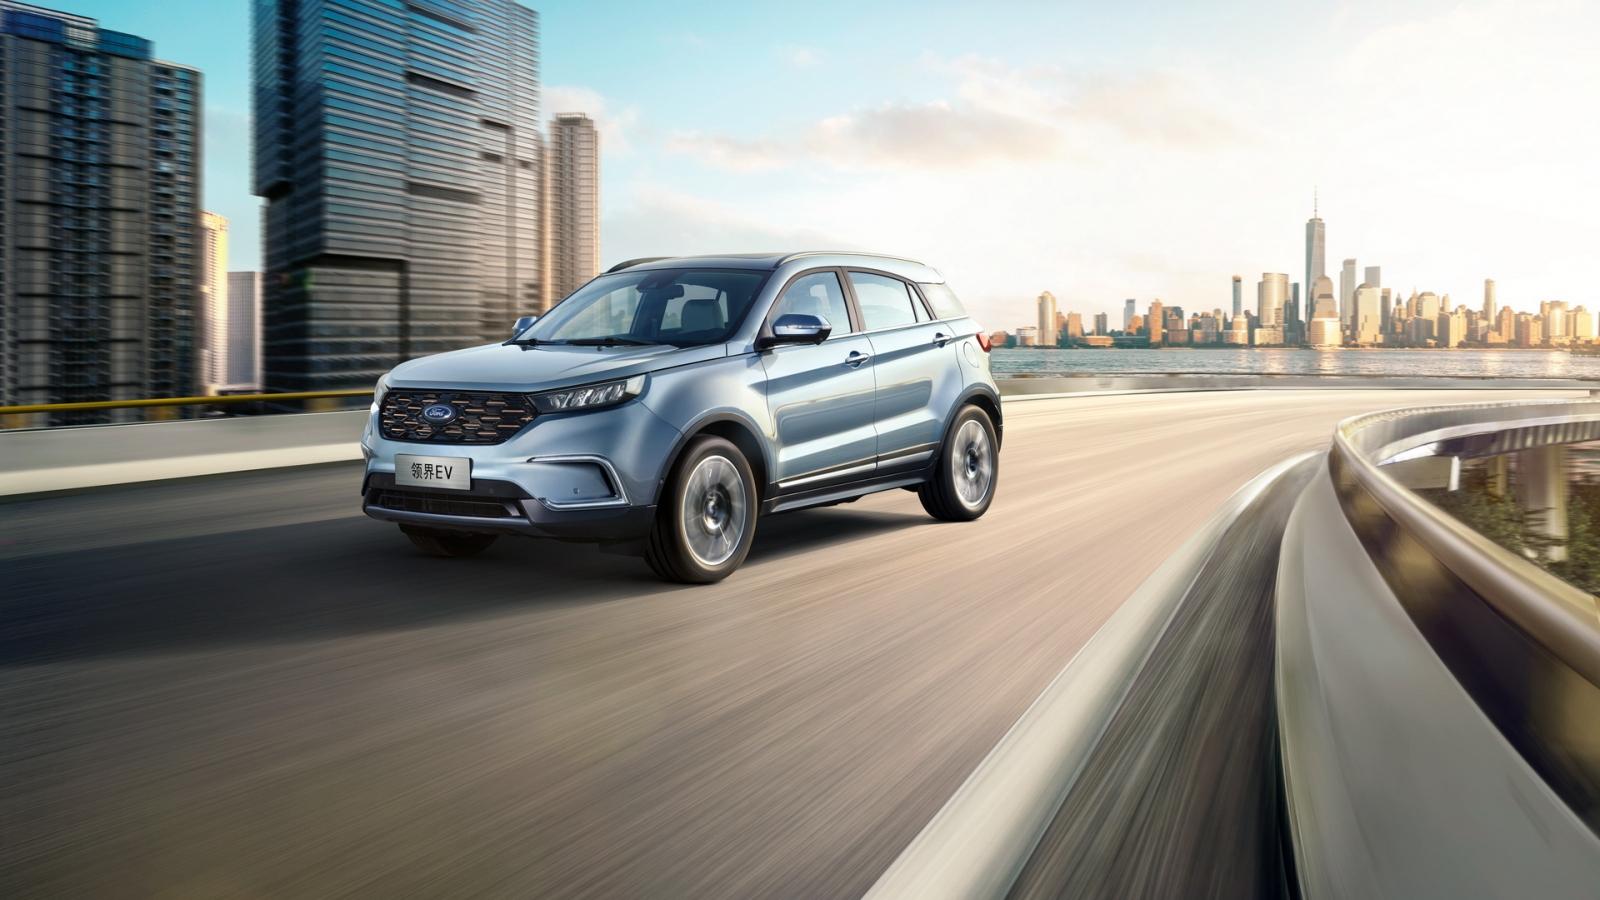 Ford Territory EV 2020 được trang bị bộ pin lớn hơn